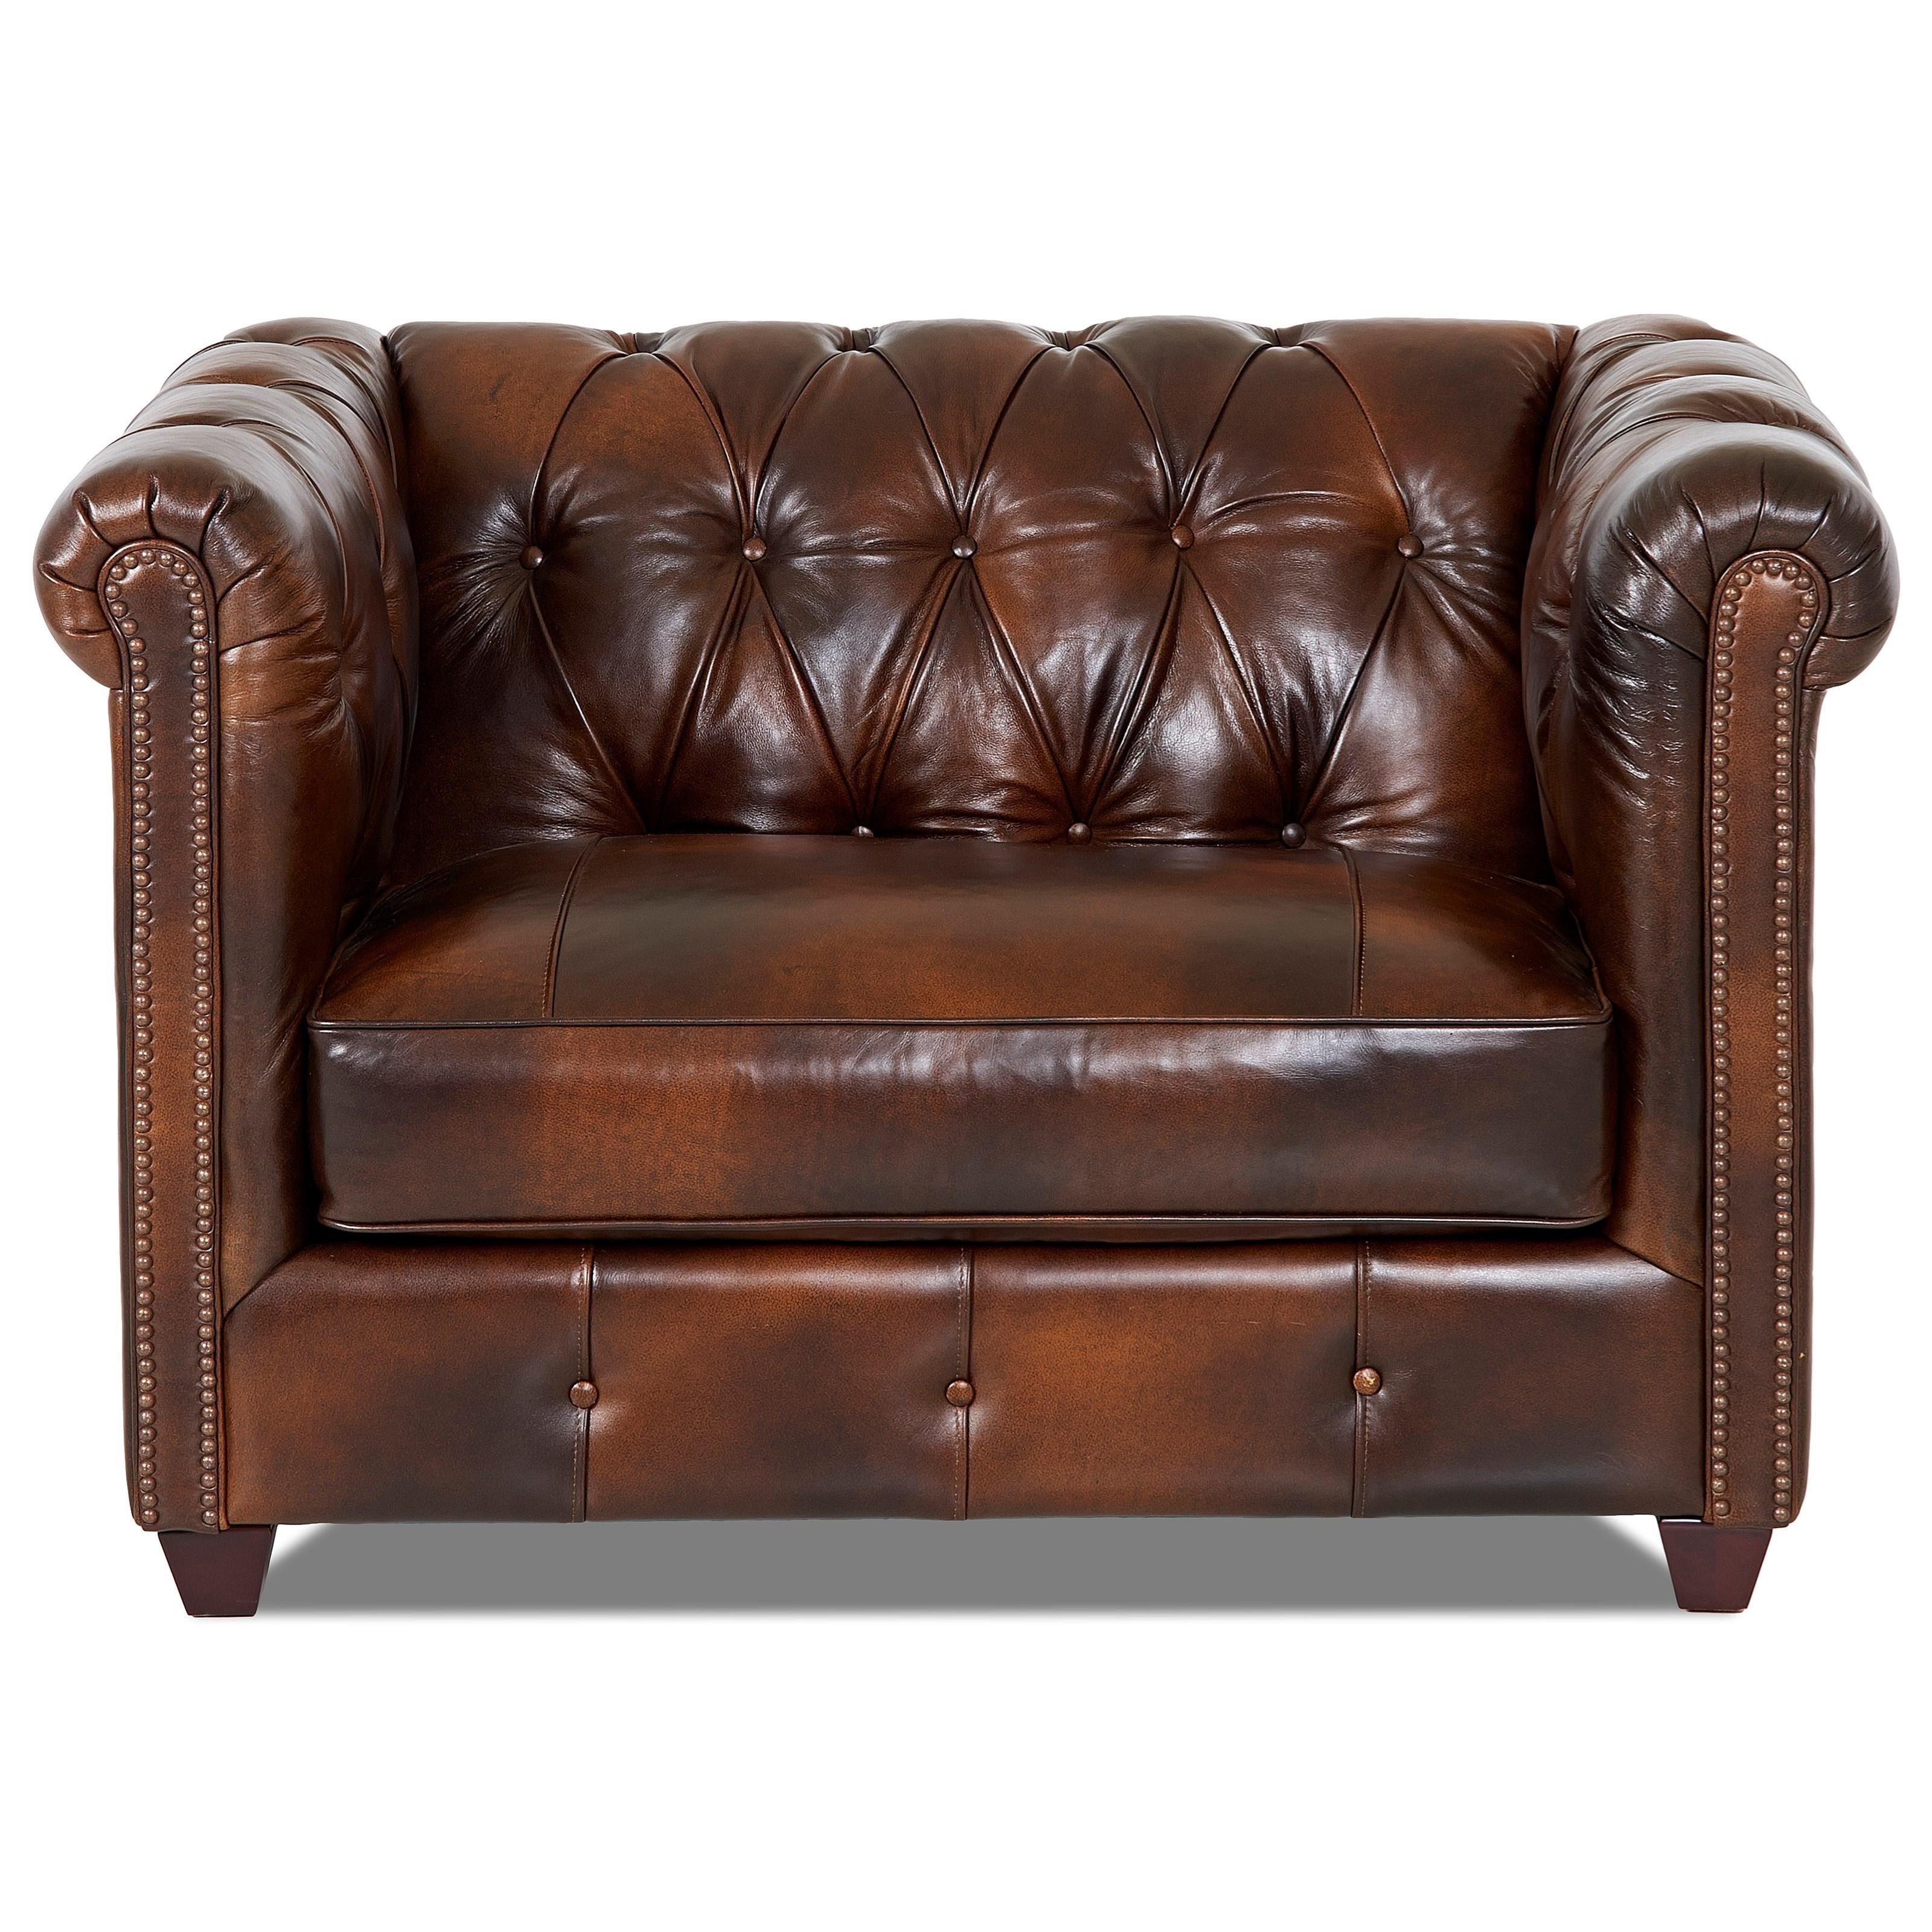 Big Chair with Nailhead Trim